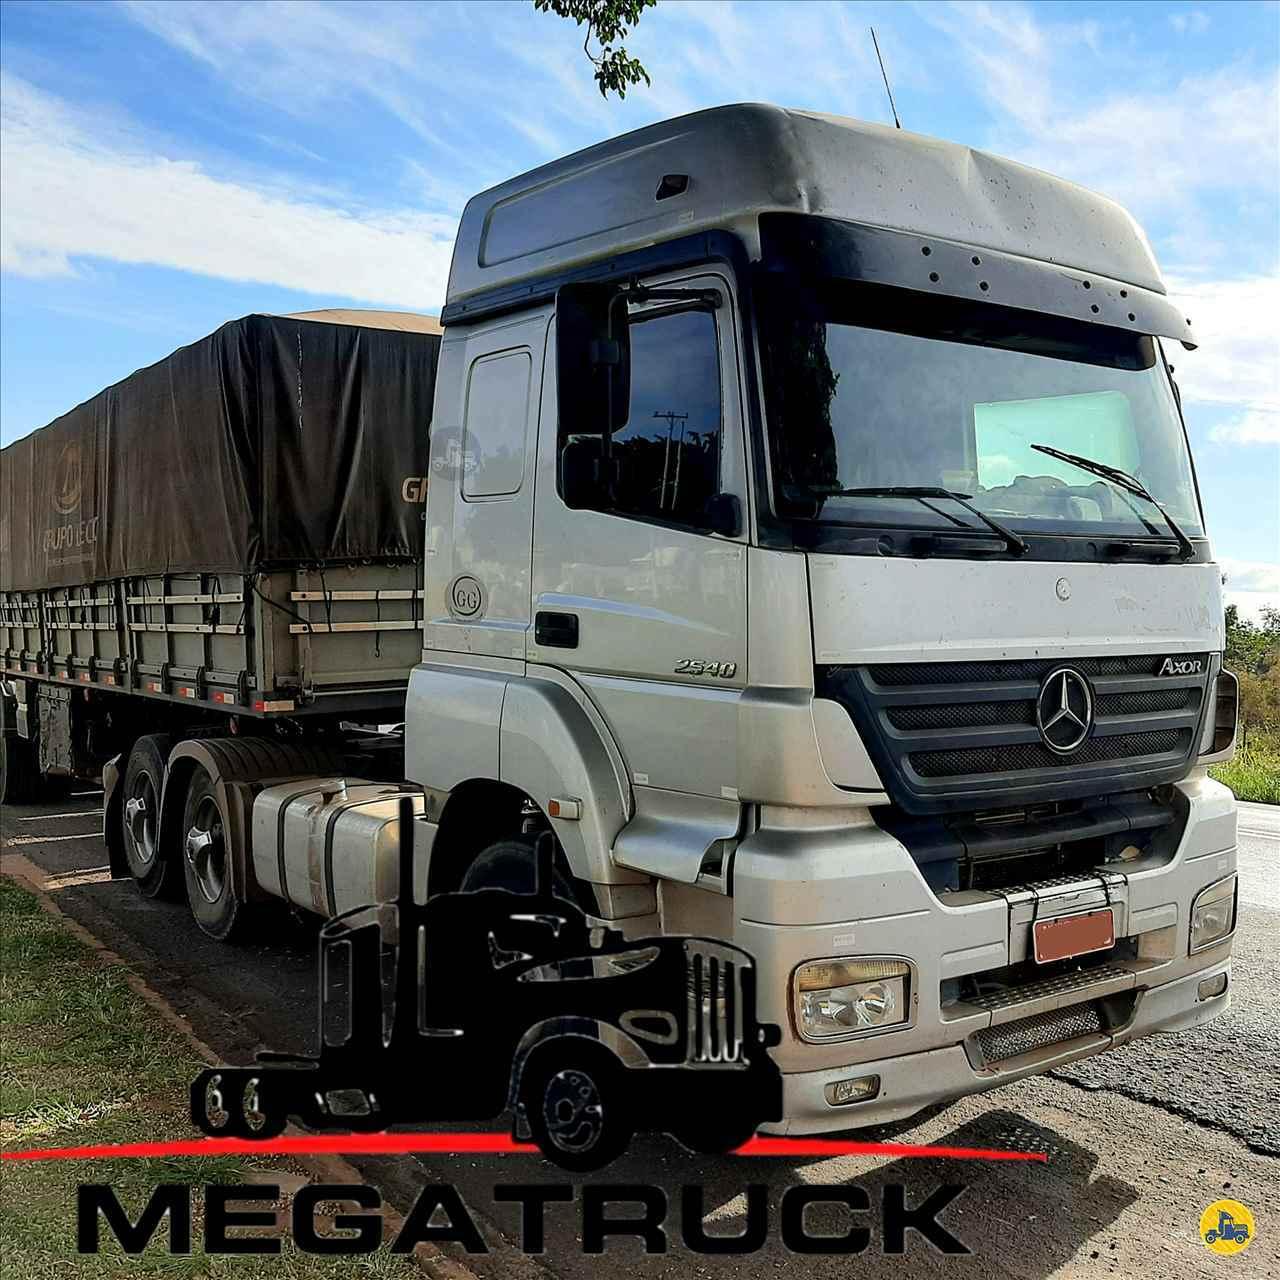 CAMINHAO MERCEDES-BENZ MB 2540 Cavalo Mecânico Truck 6x2 Megatruck Caminhões e Máquinas CAMPO GRANDE MATO GROSSO DO SUL MS